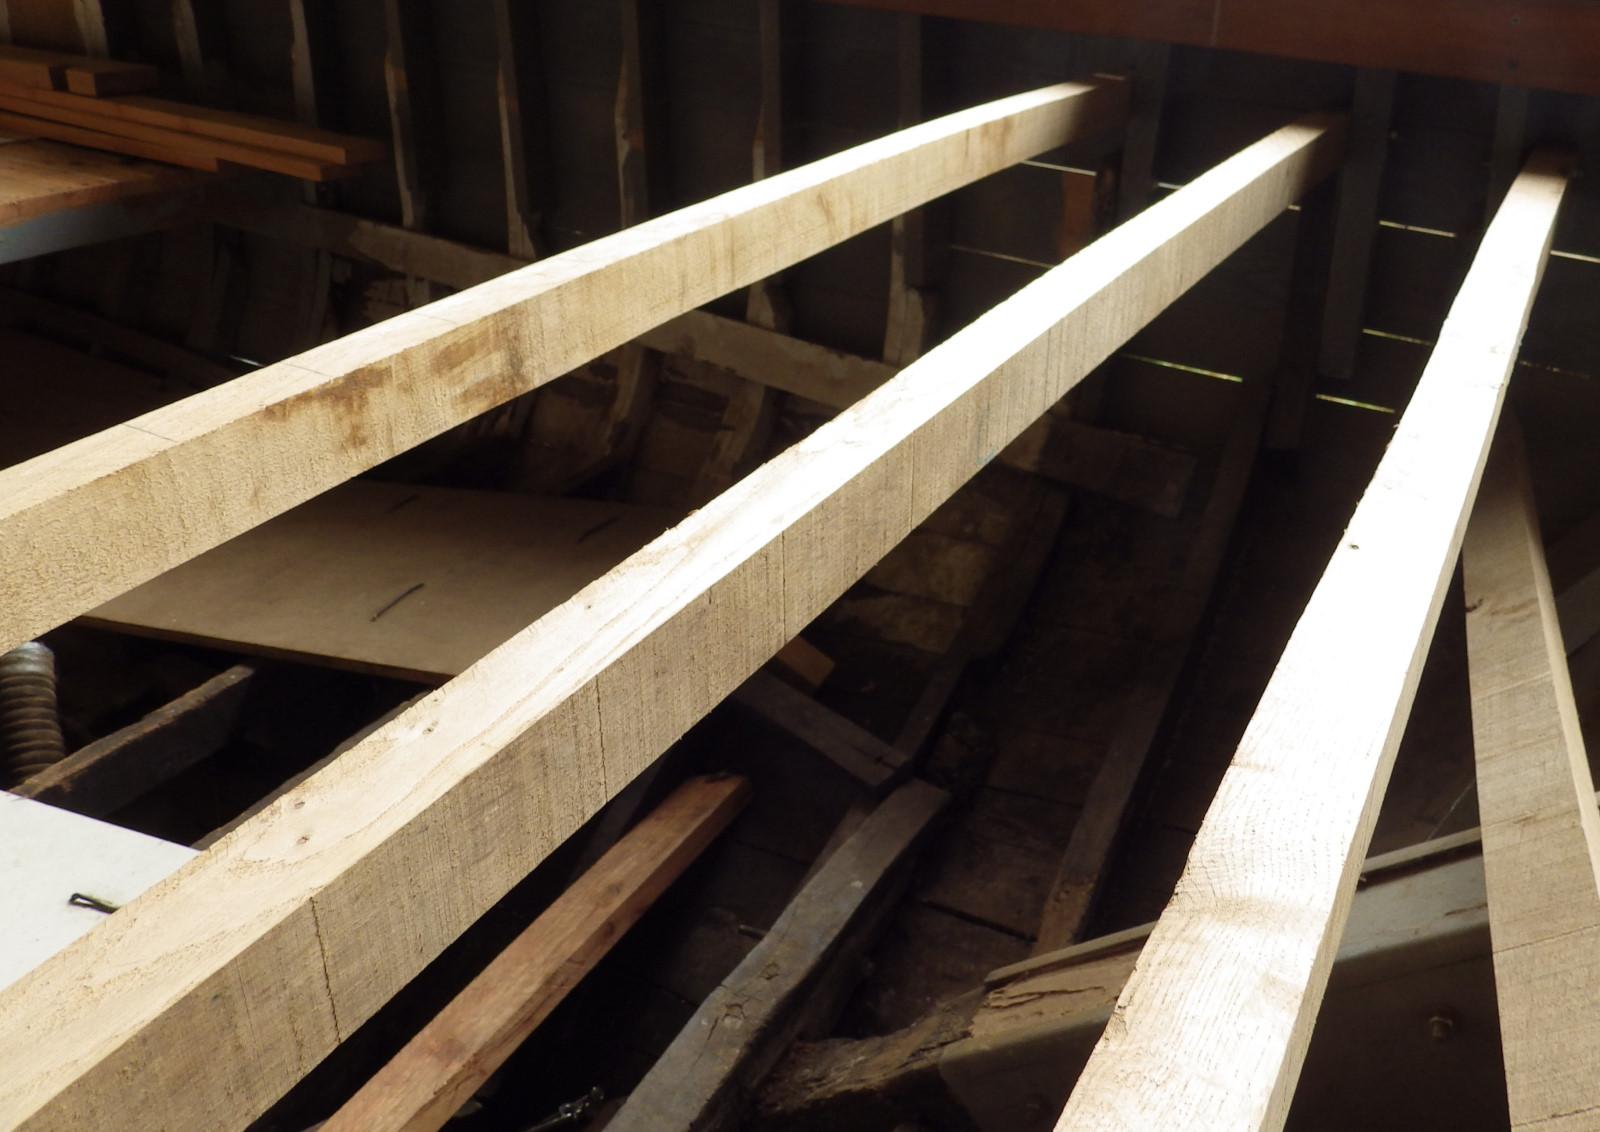 Barrots du pont de la chambre